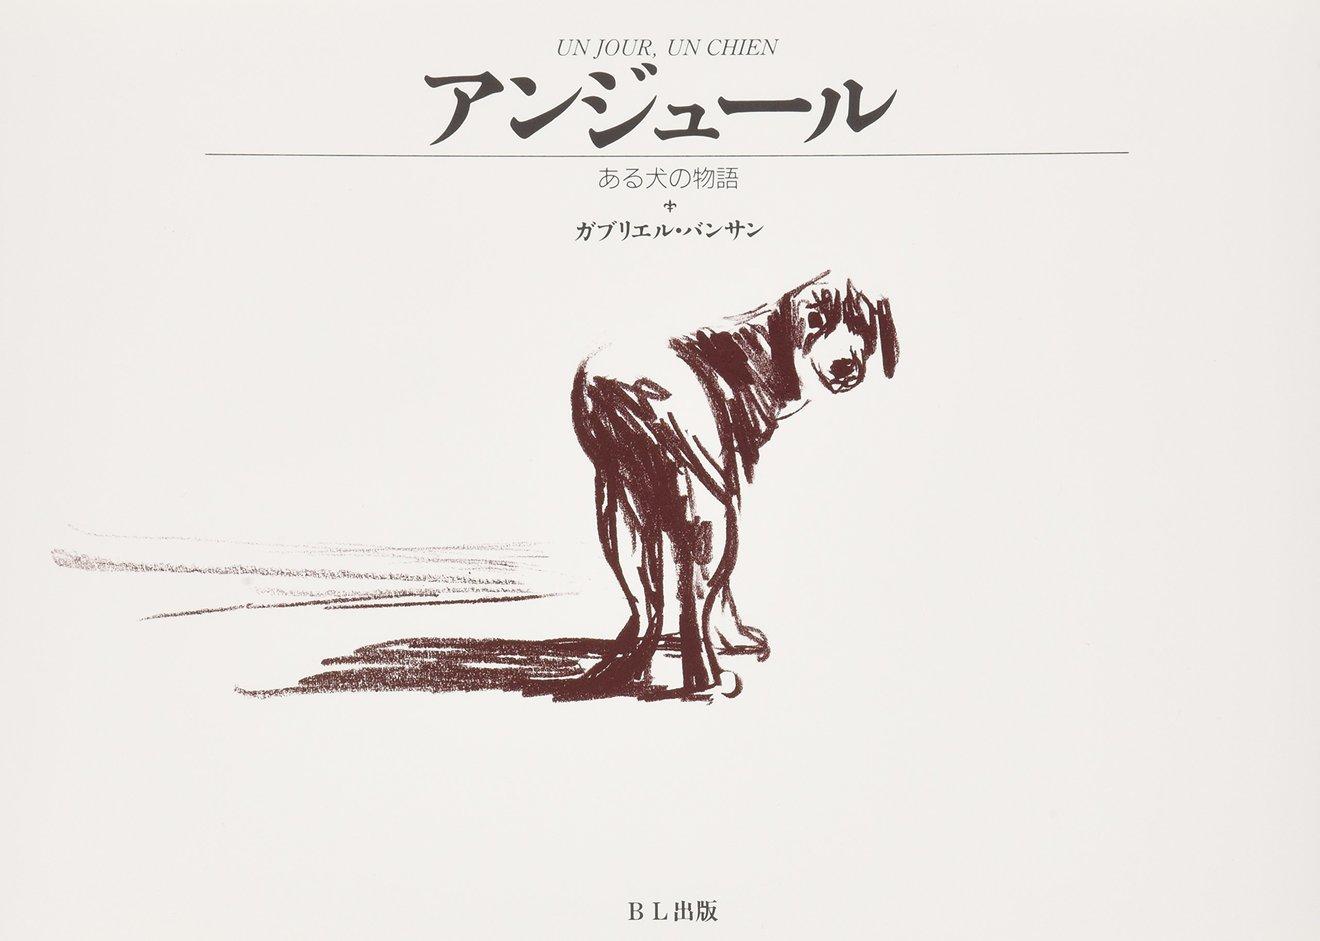 犬が主役の絵本おすすめ5選!小さい子から大人まで楽しめる作品